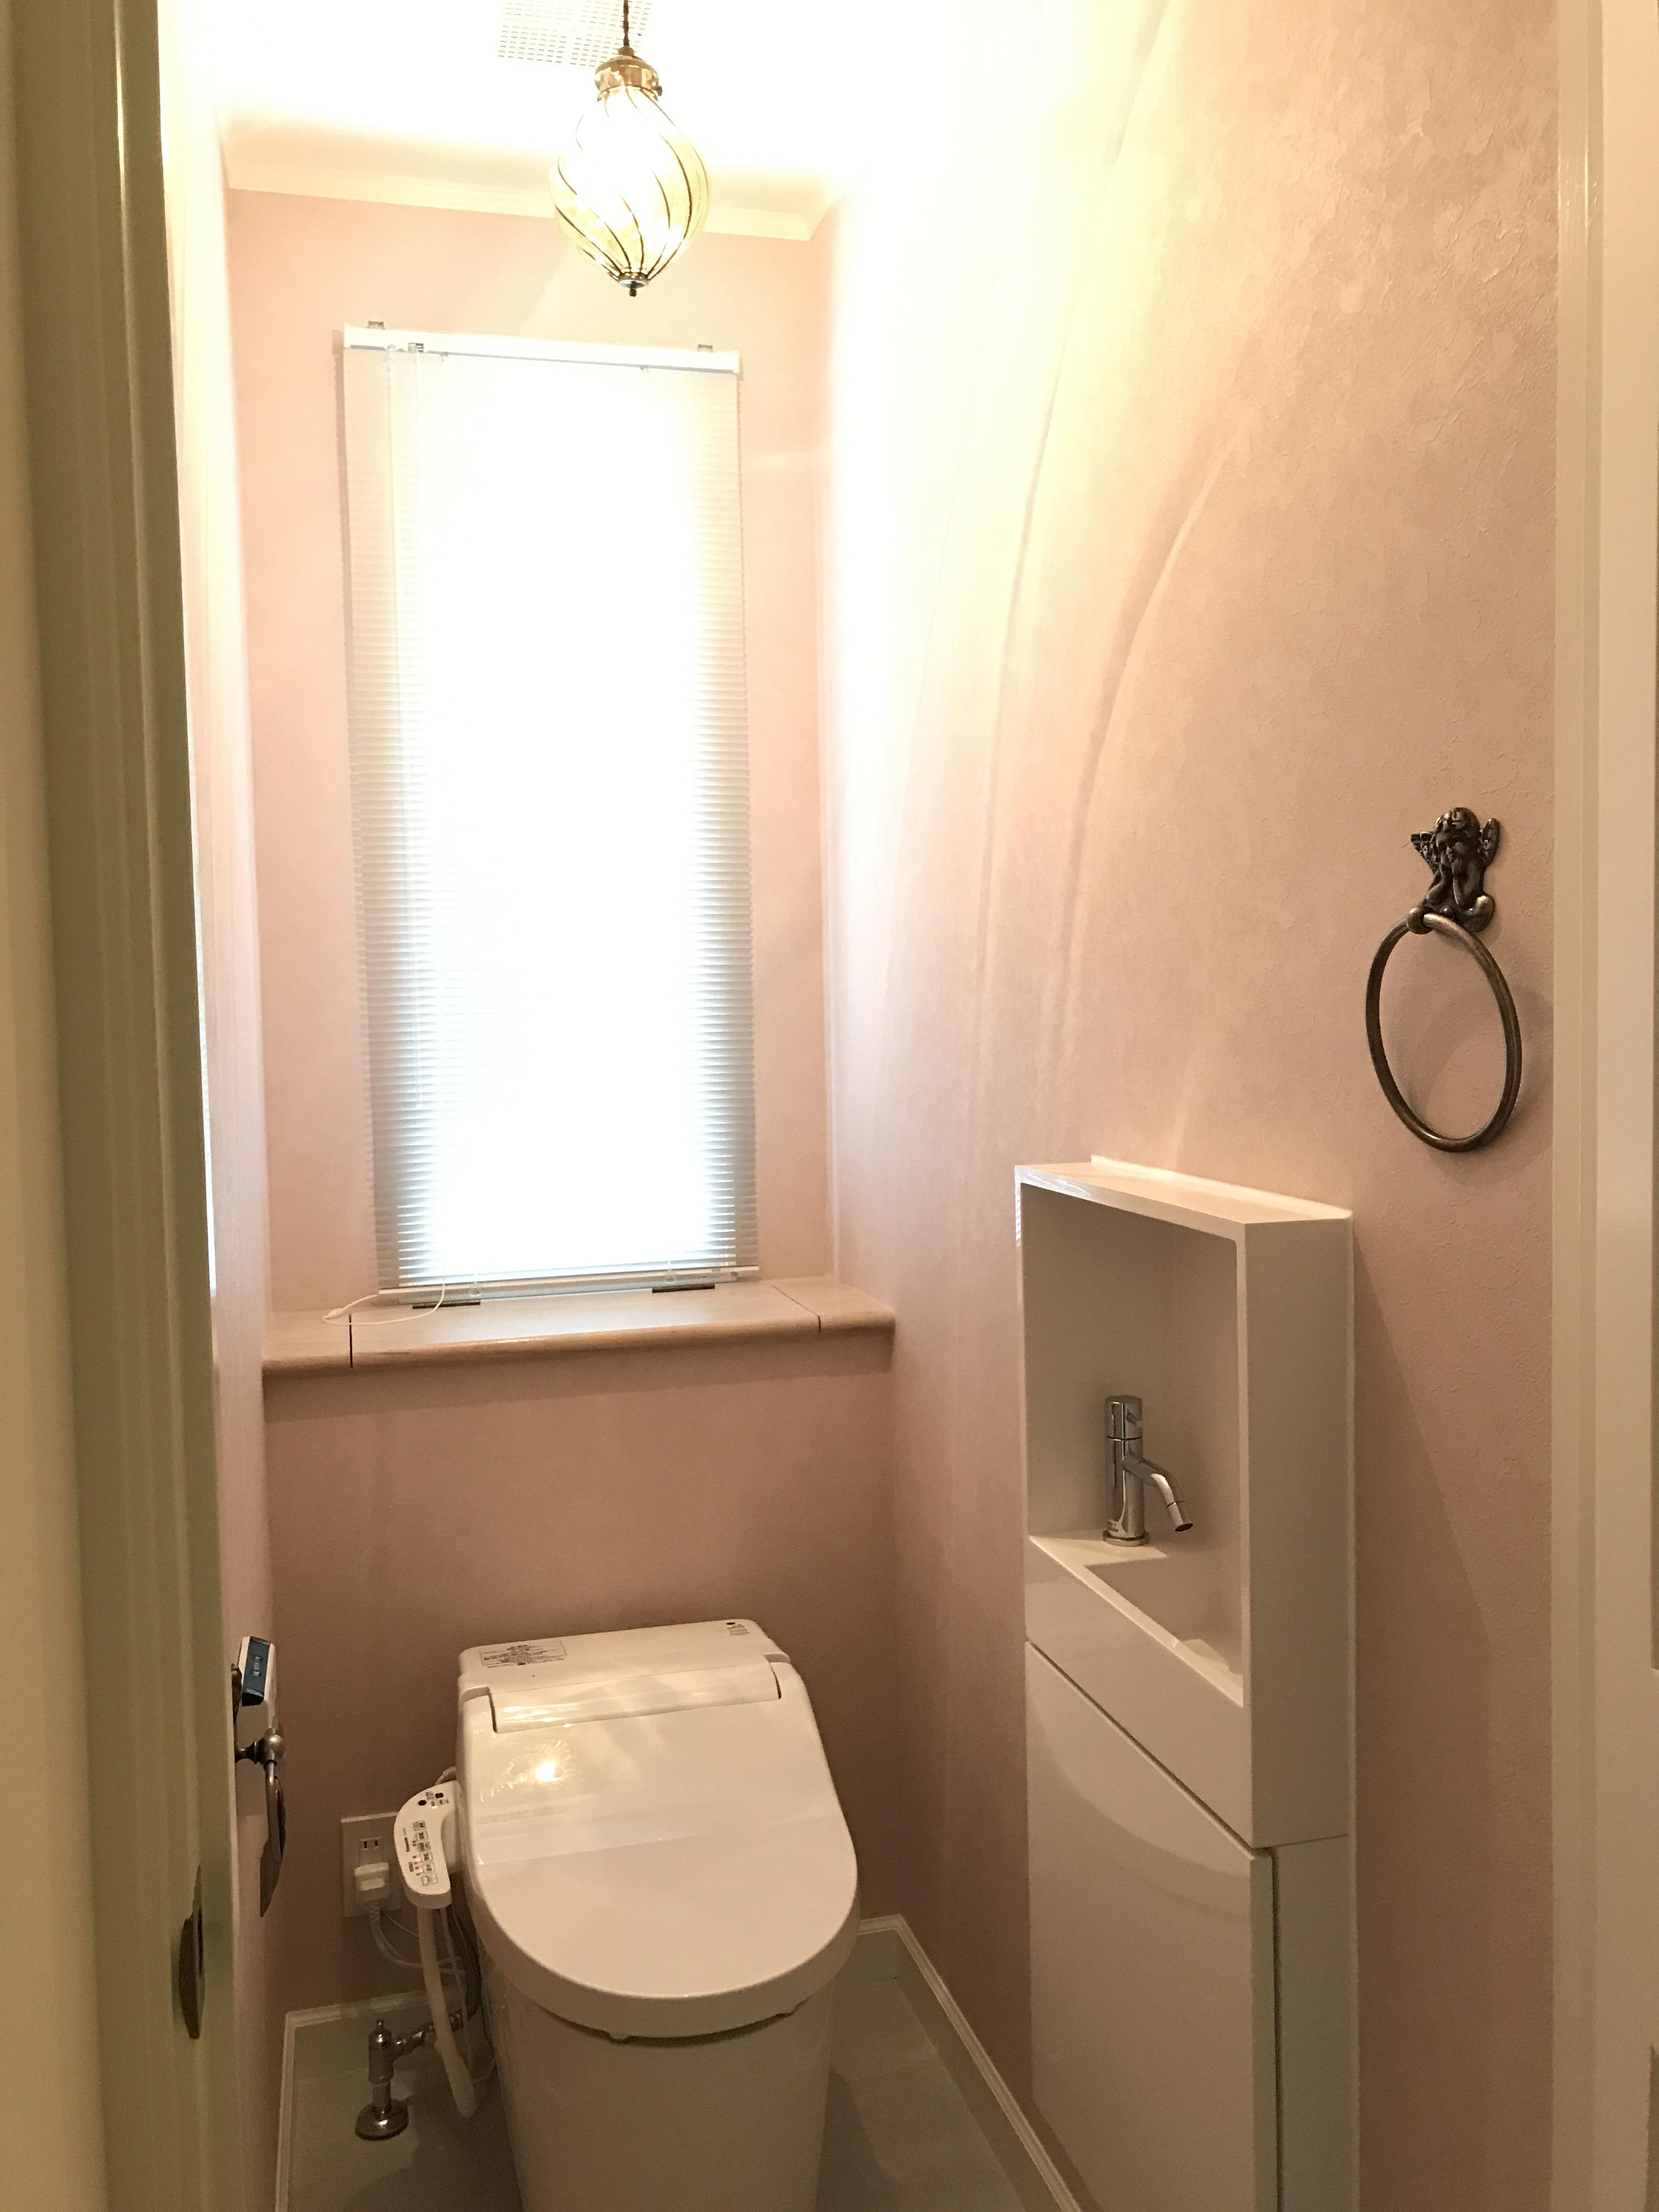 後ろに収納のあるトイレ